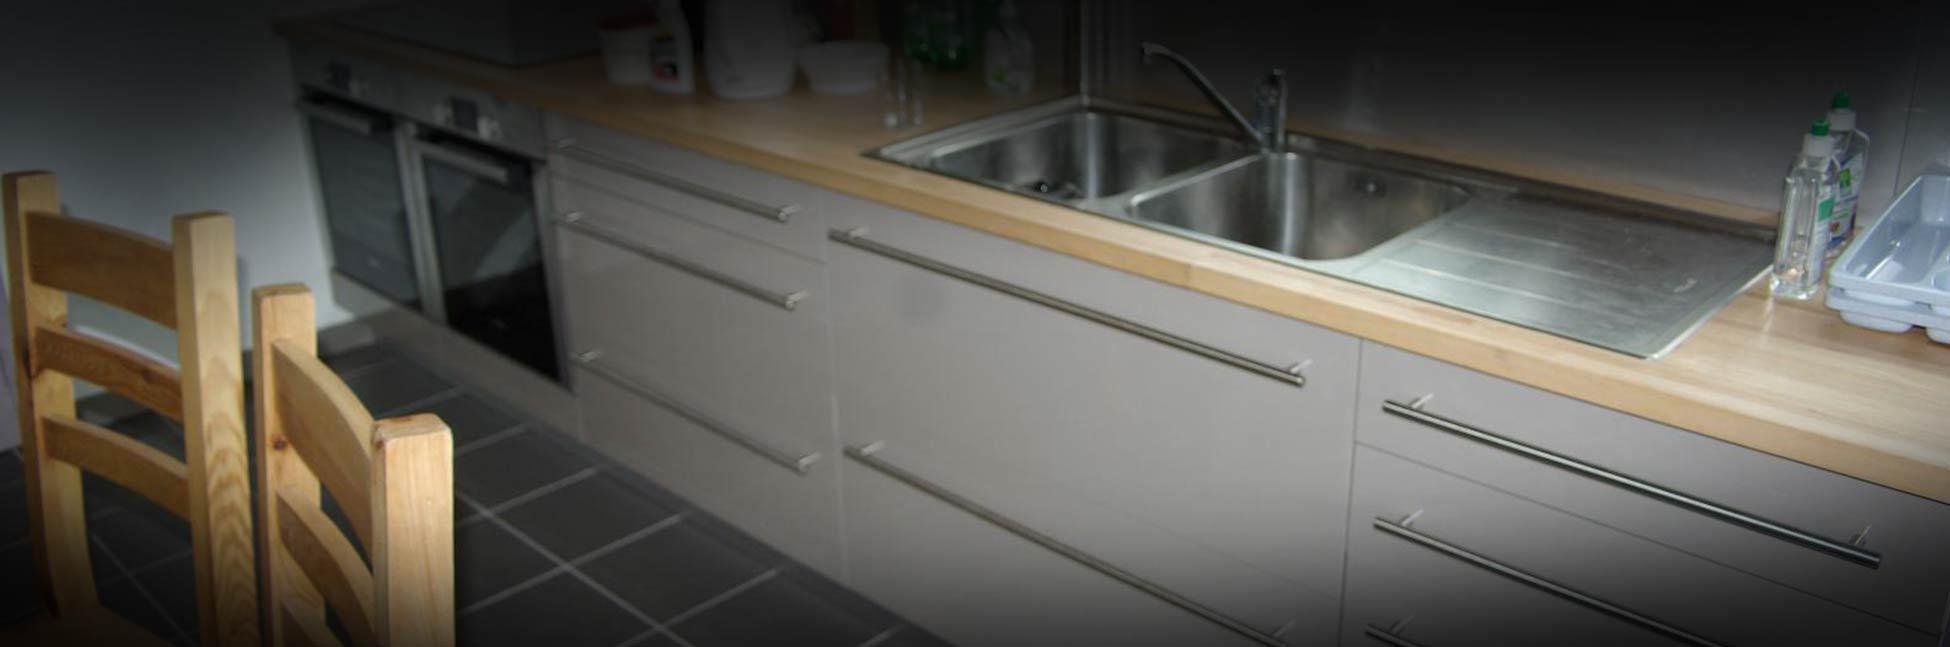 Agencement Magasin Cuisine Et Salle De Bain En Savoie Pres